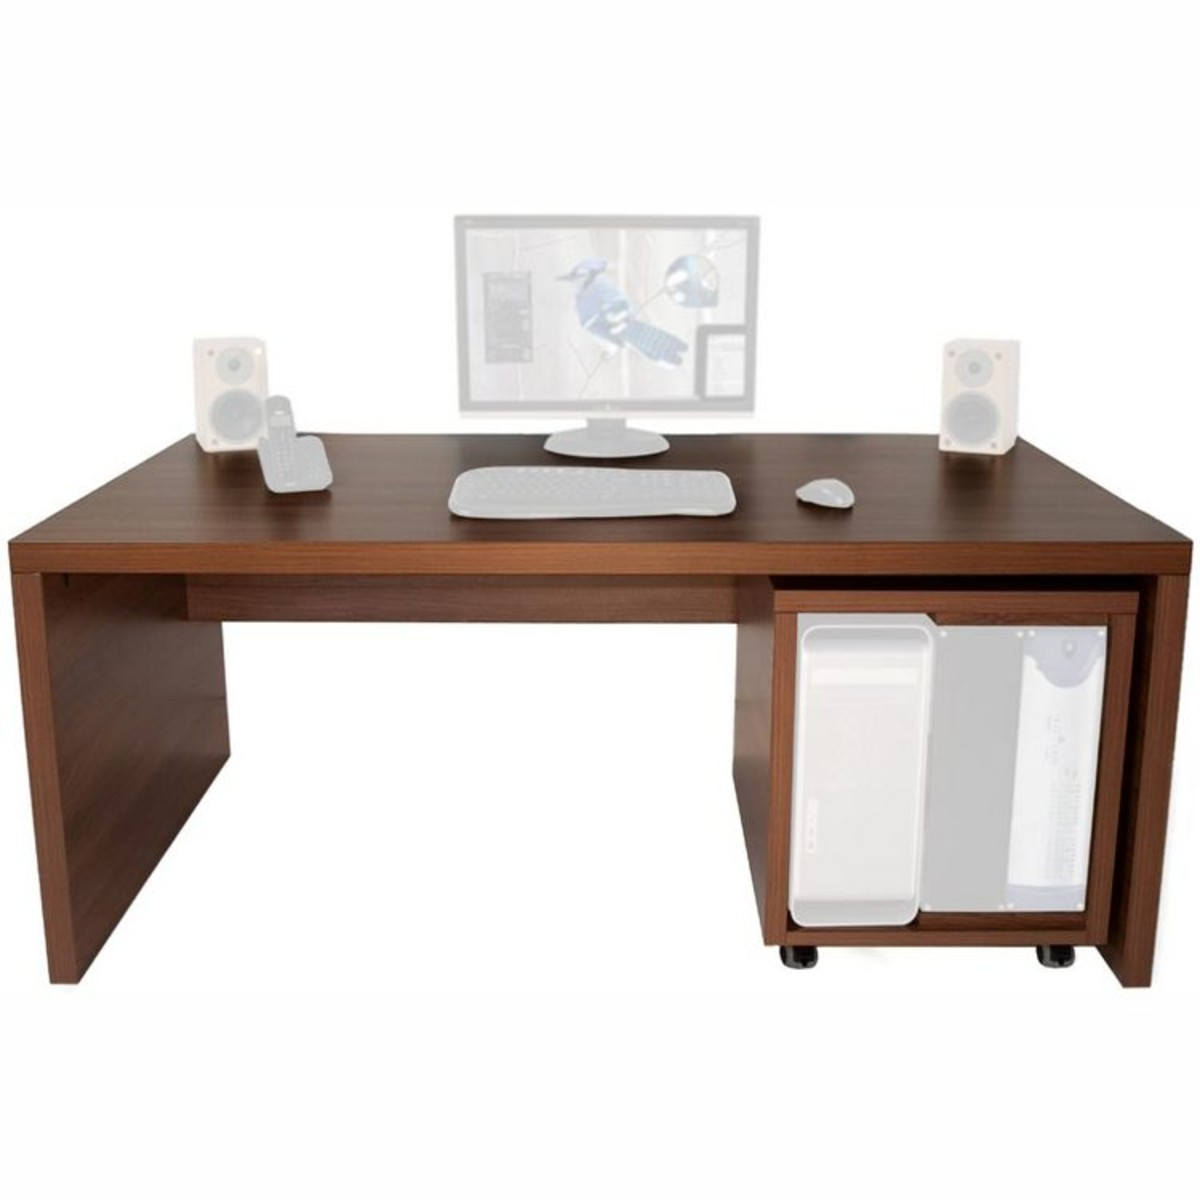 meine gro en schreibtisch gro e tafel 12he 12u offline f r zweir der ta walnuss auf. Black Bedroom Furniture Sets. Home Design Ideas